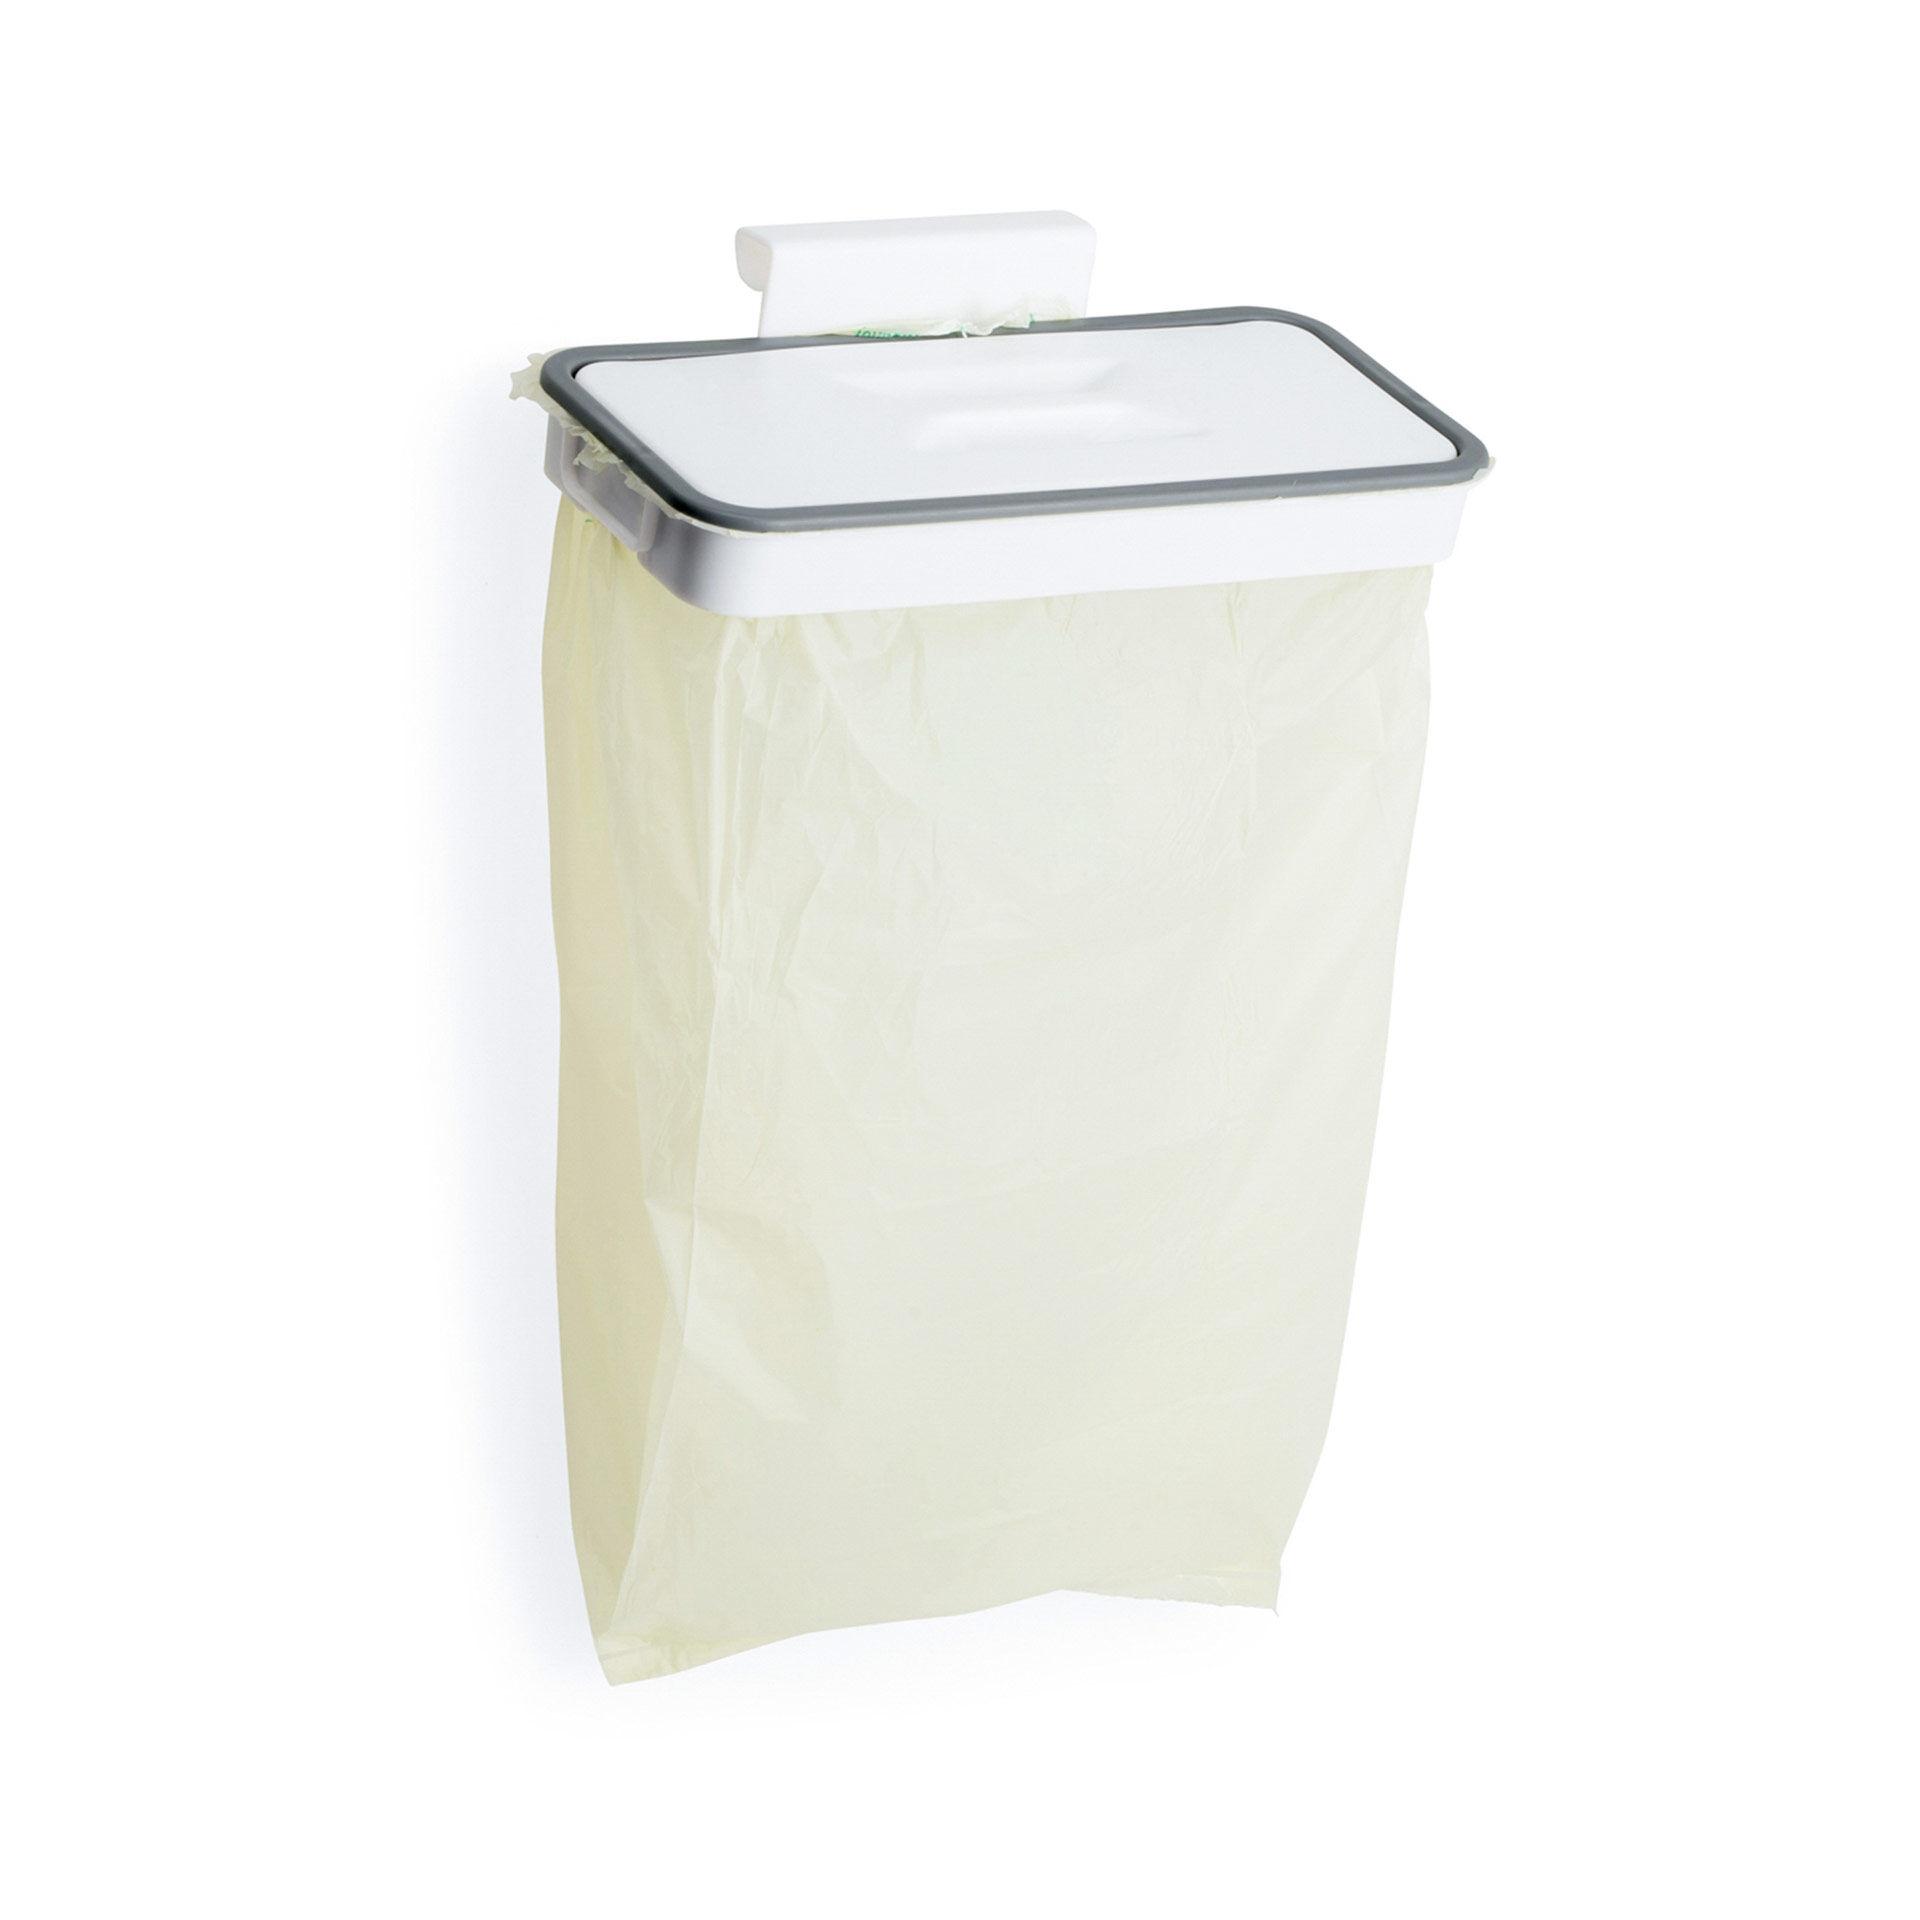 Support de sac pour porte de placard  cuisine, , large